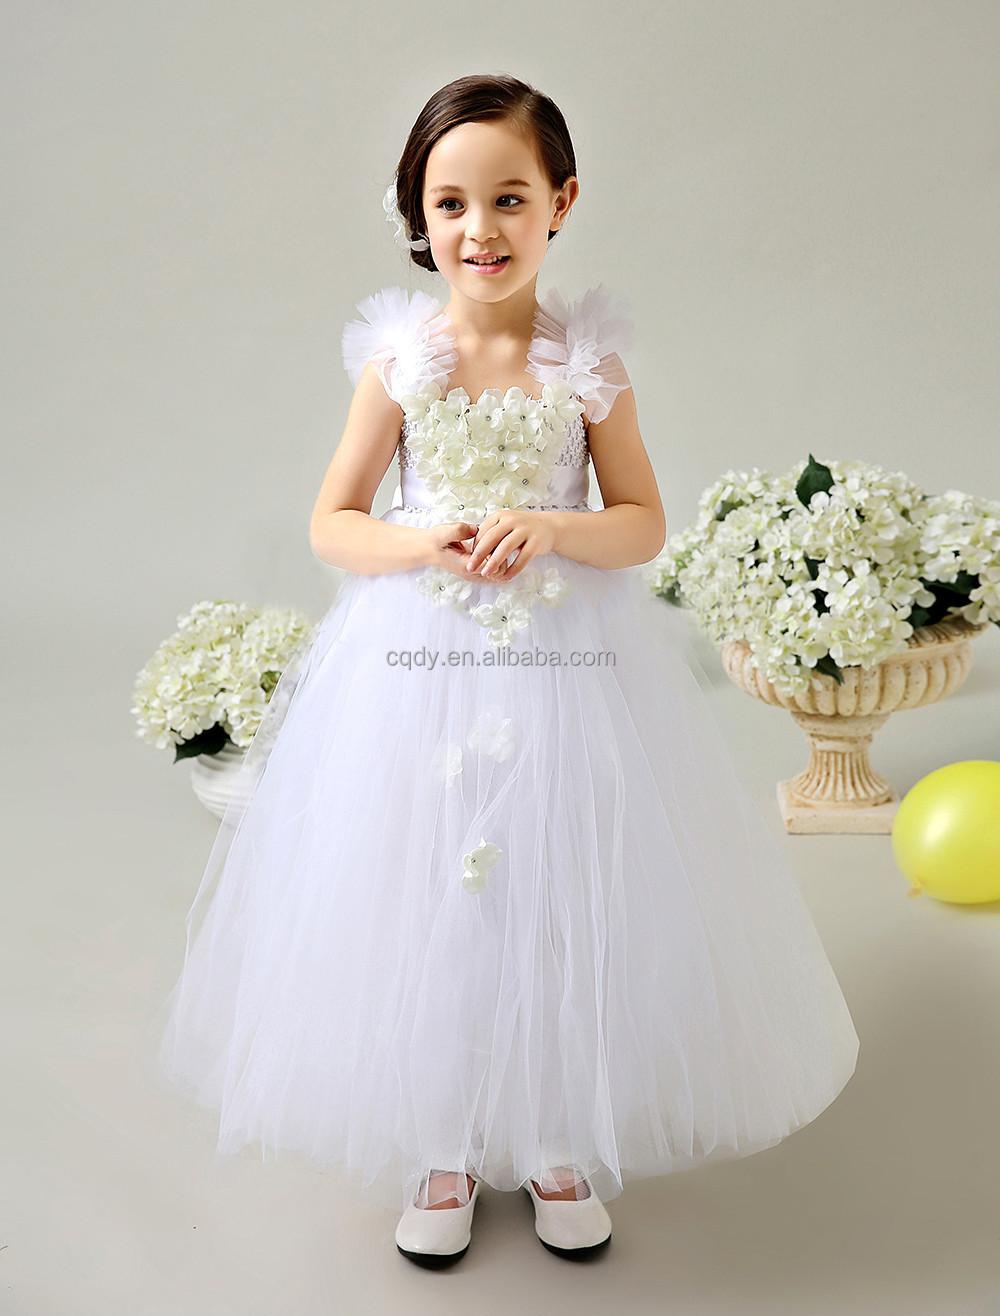 lang säuglings kleid rundhalsausschnitt spitze plus size weiß spitze babys  christian kleider taufe kleider blume tutu - buy mädchen festzug kleid